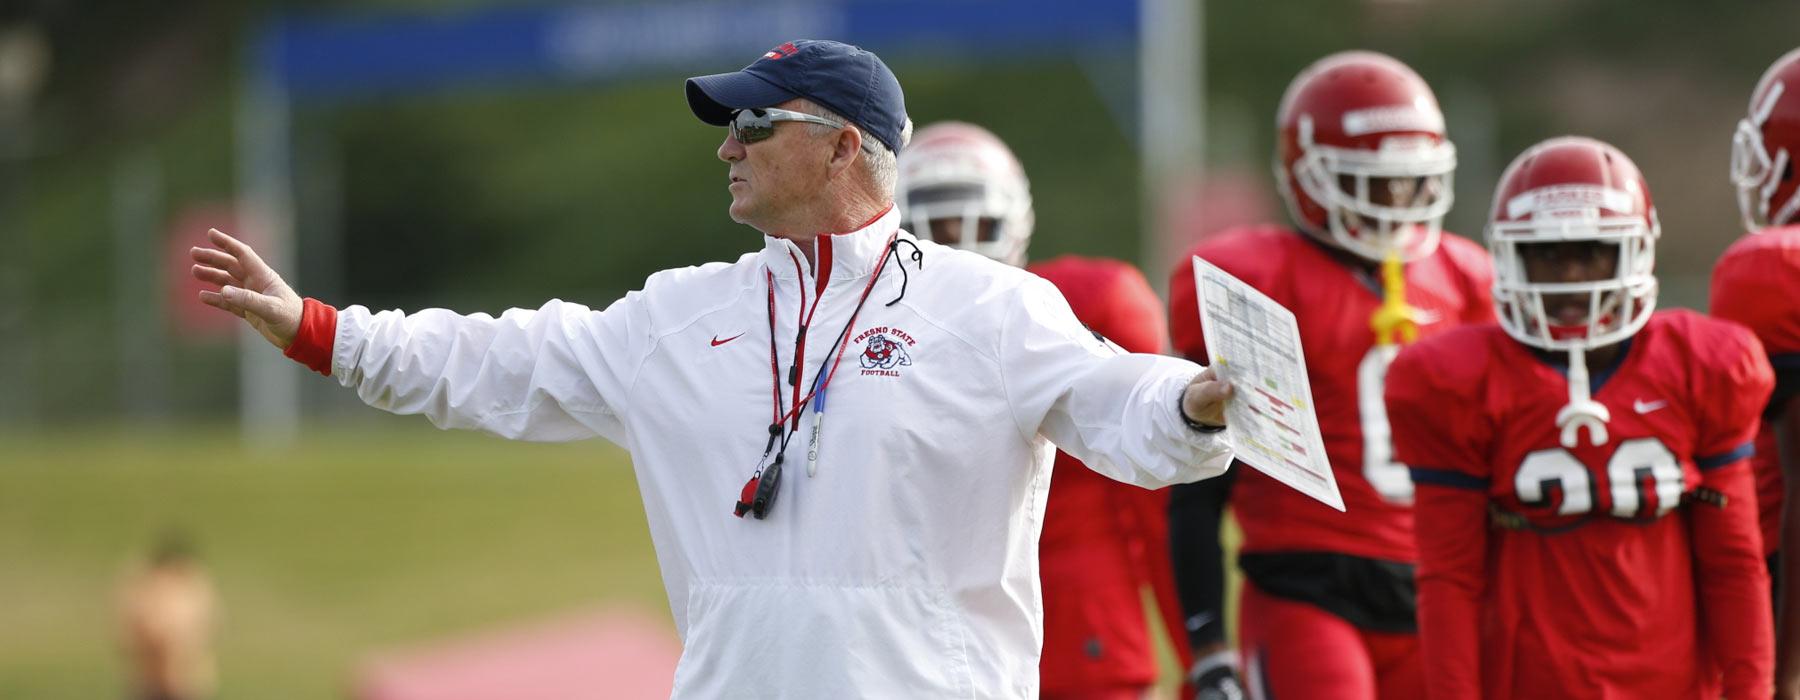 Jeff Tedford, coaching